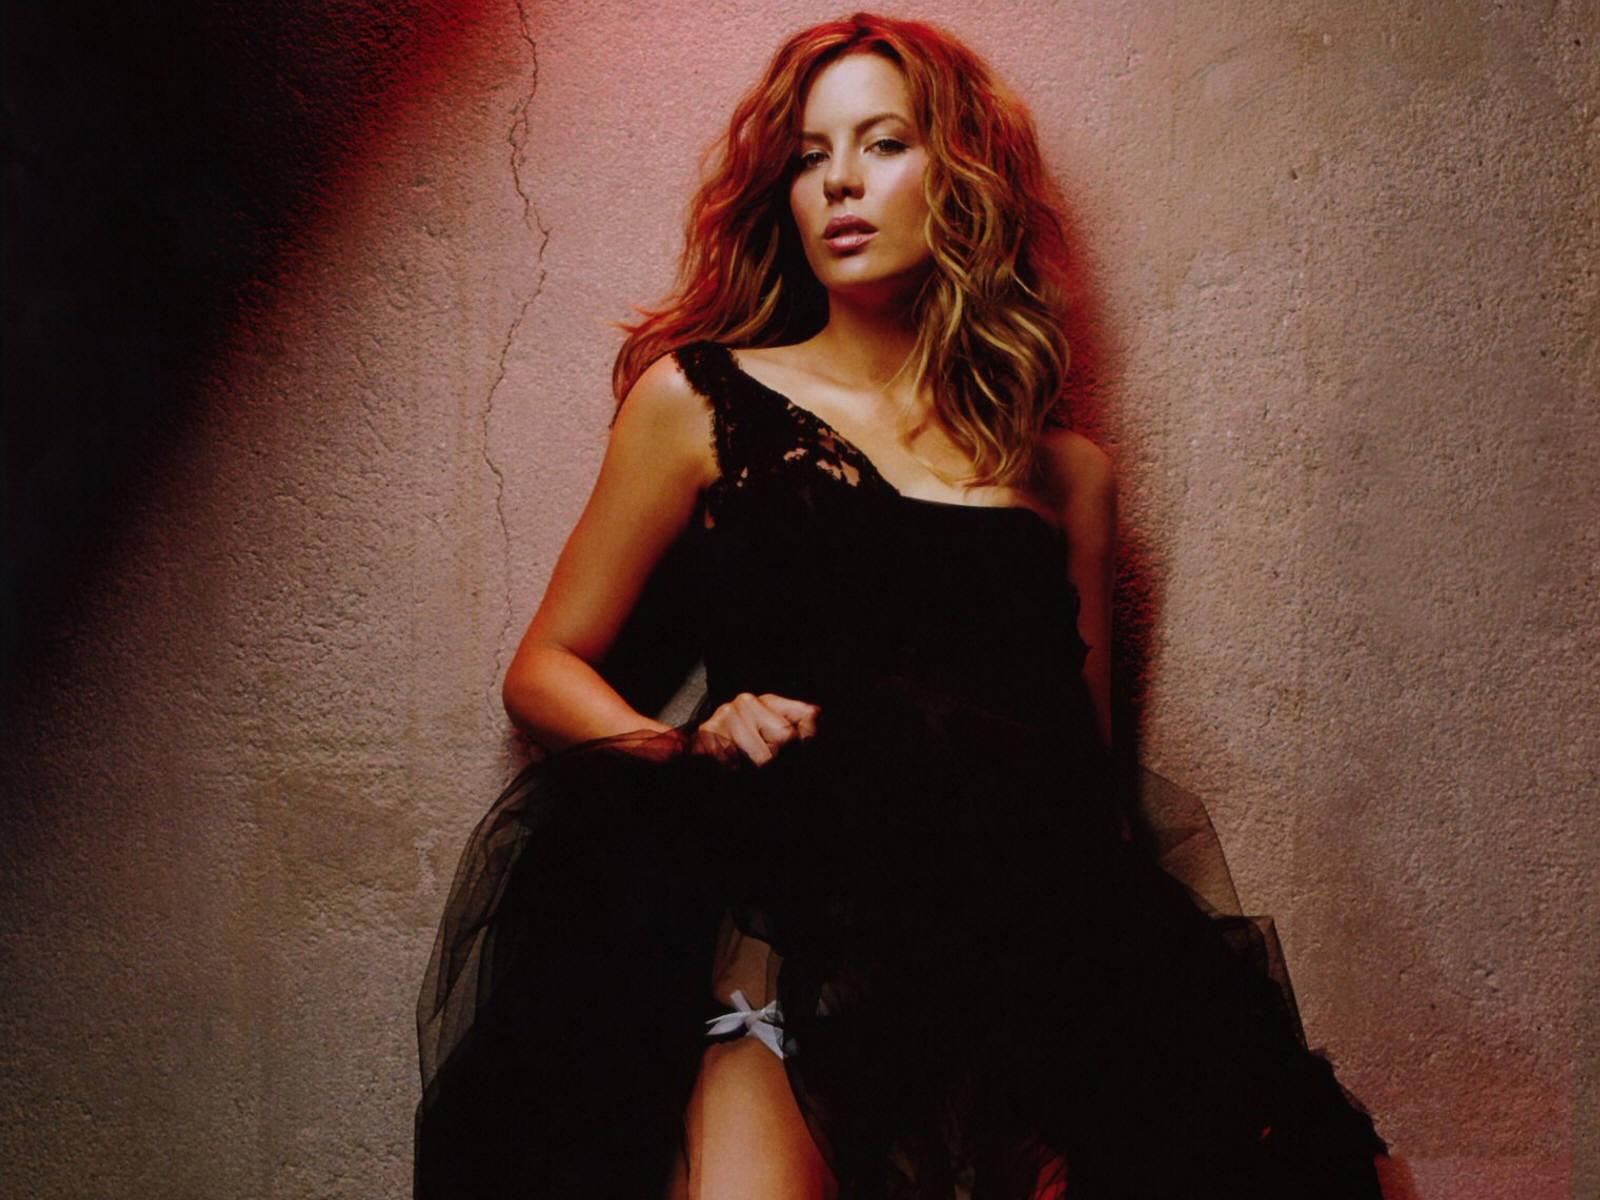 http://3.bp.blogspot.com/-qfQkIfxDz2Q/ULB7c8Tsl7I/AAAAAAAAAlI/YIwvBCBSyLQ/s1600/Kate+Beckinsale+(8).jpg